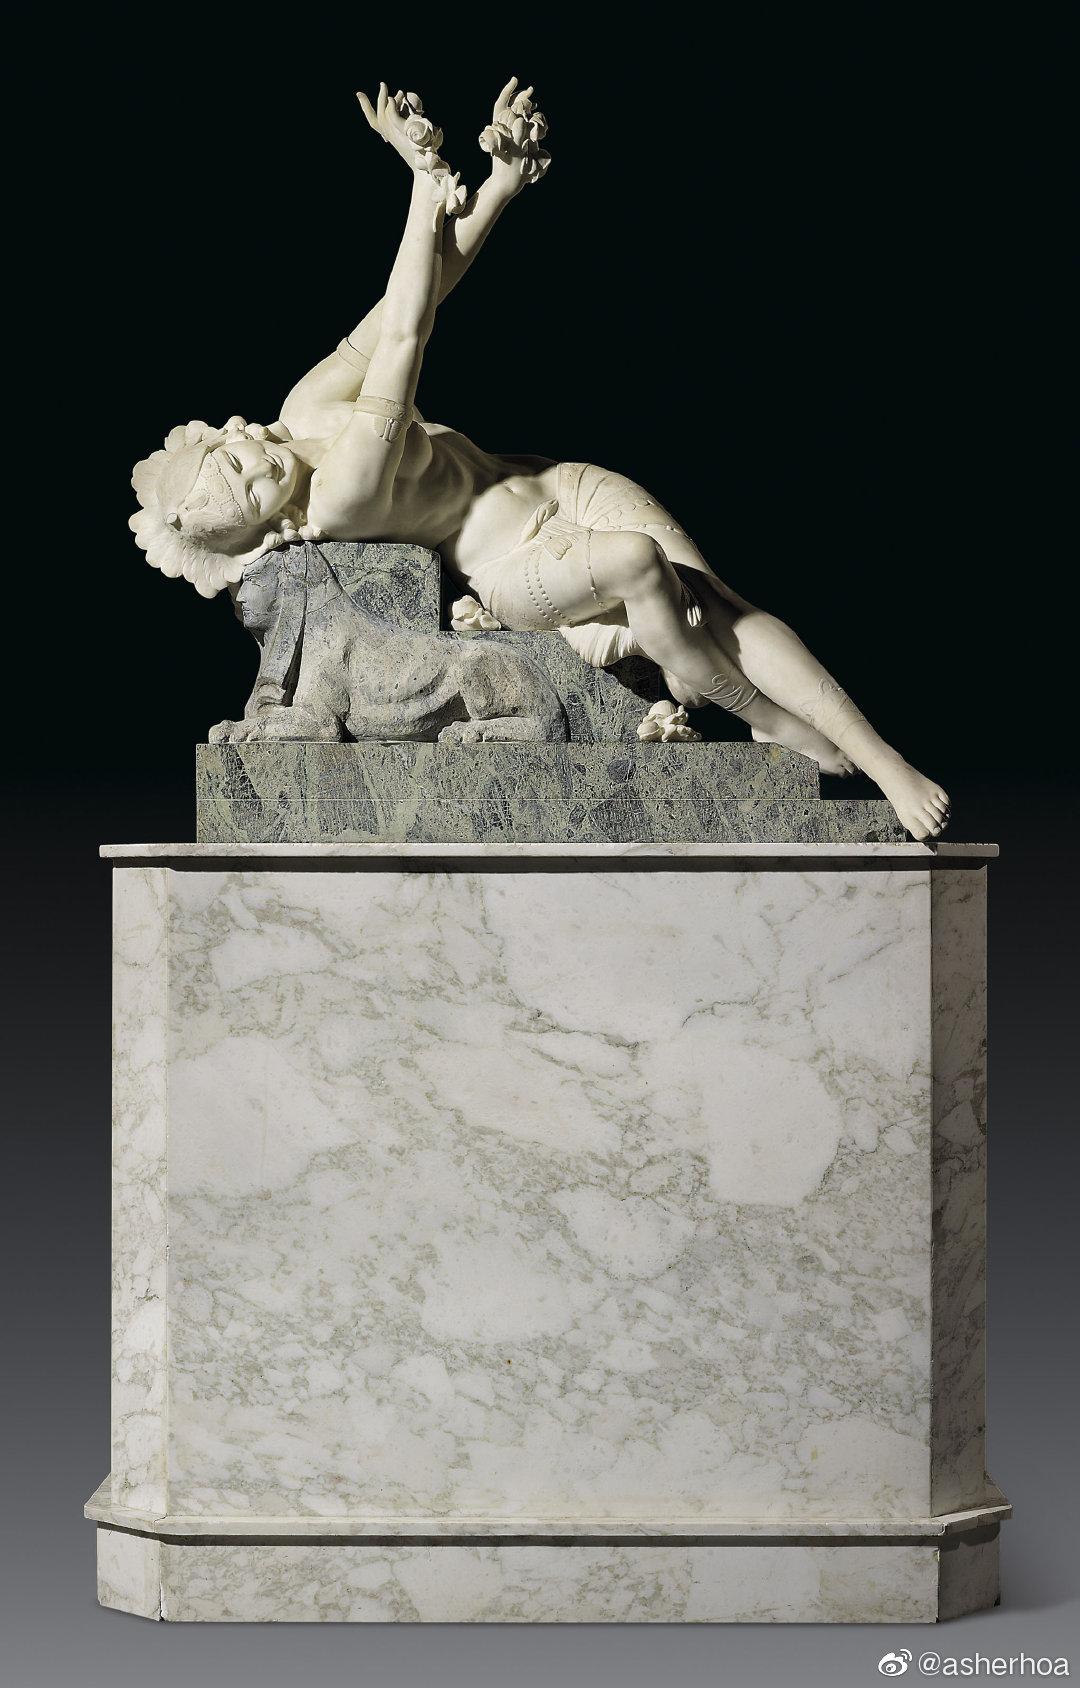 意大利雕塑家Danilo Cervietti的大理石作品《伊西斯的女祭司》